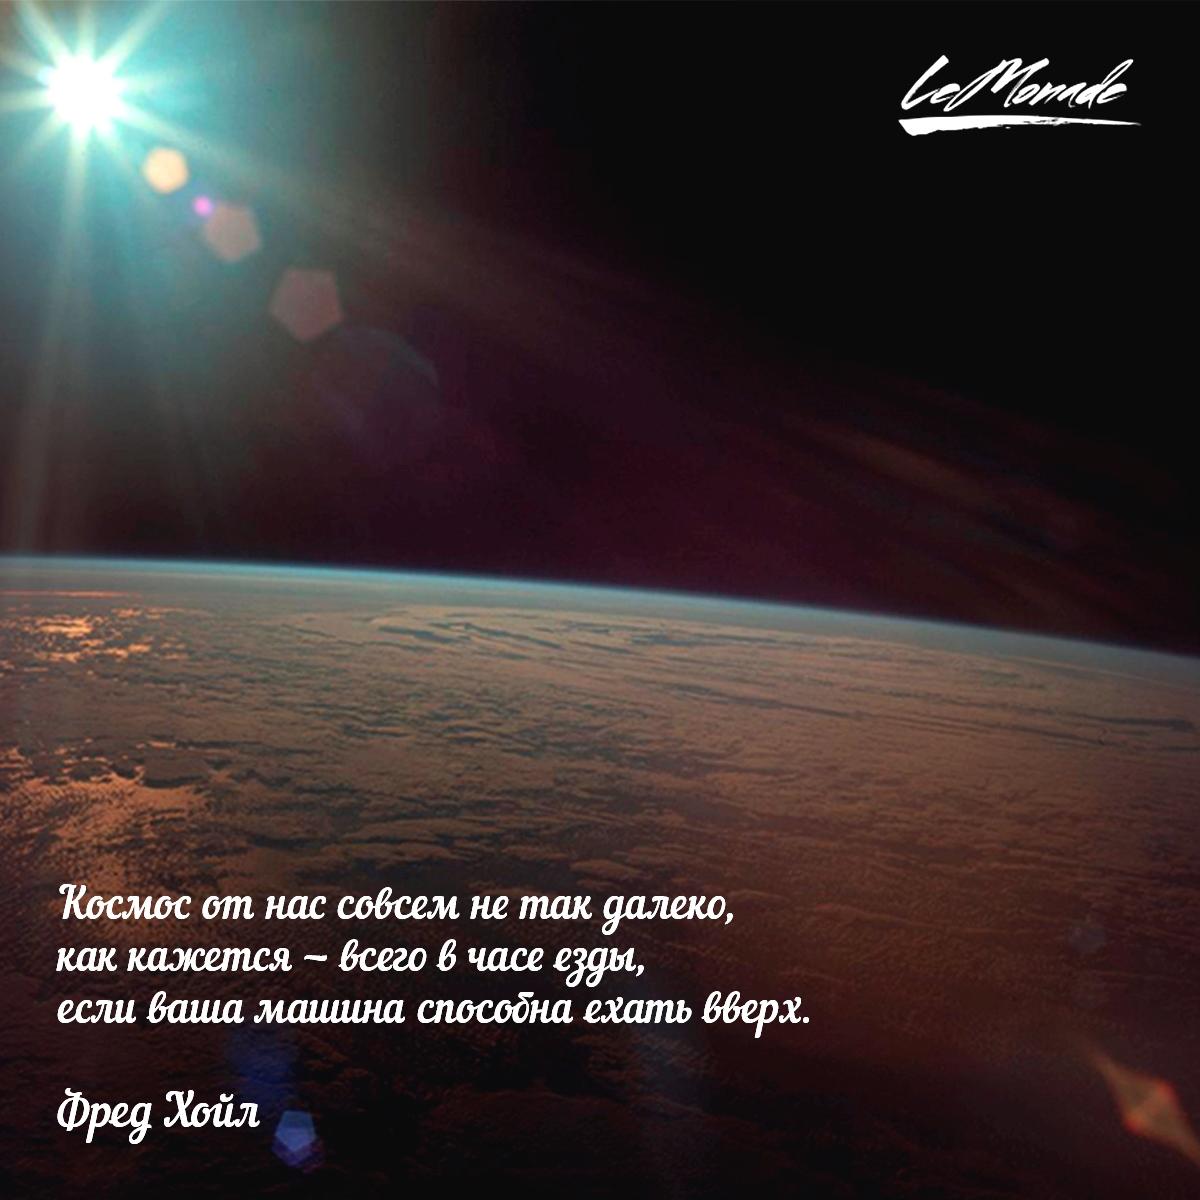 фото космоса с цитатами различных текстур